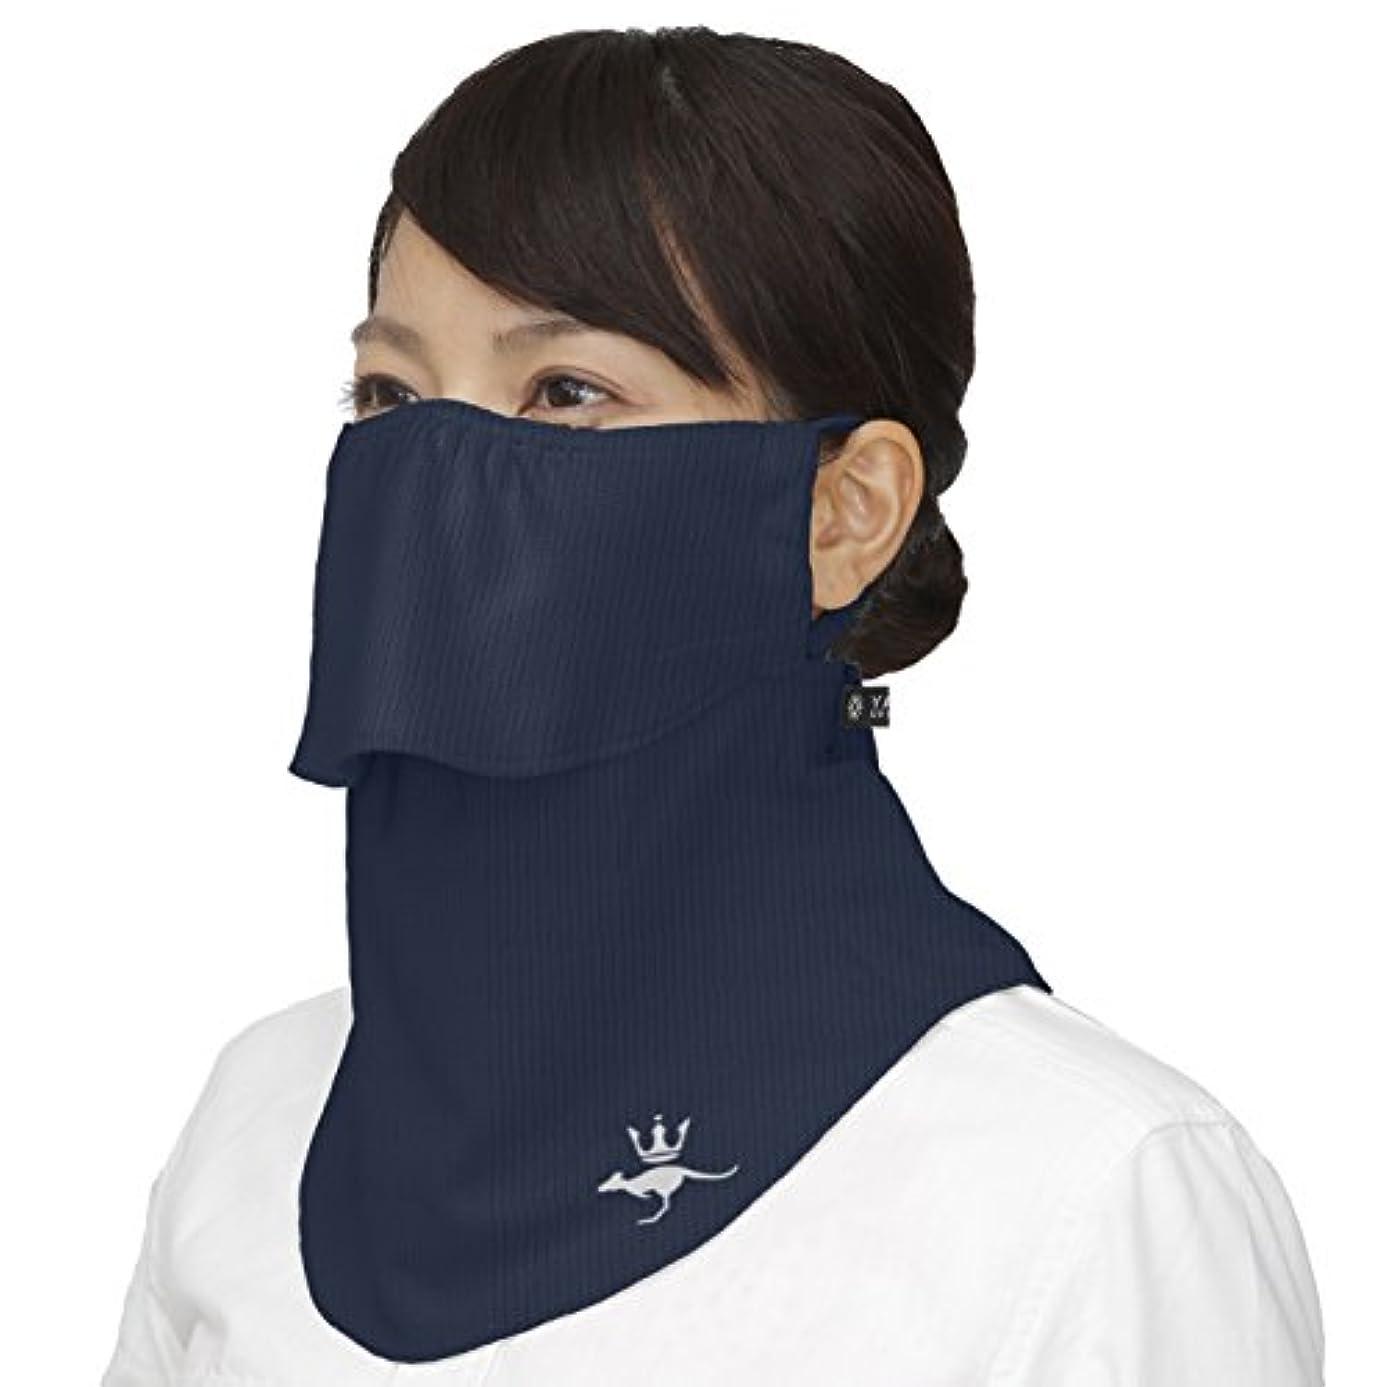 優れた激しい寸法(シンプソン)Simpson 息苦しくない 紫外線防止 レディース 日焼け防止 UVカット フェイスマスク フェイスカバー STA-M02